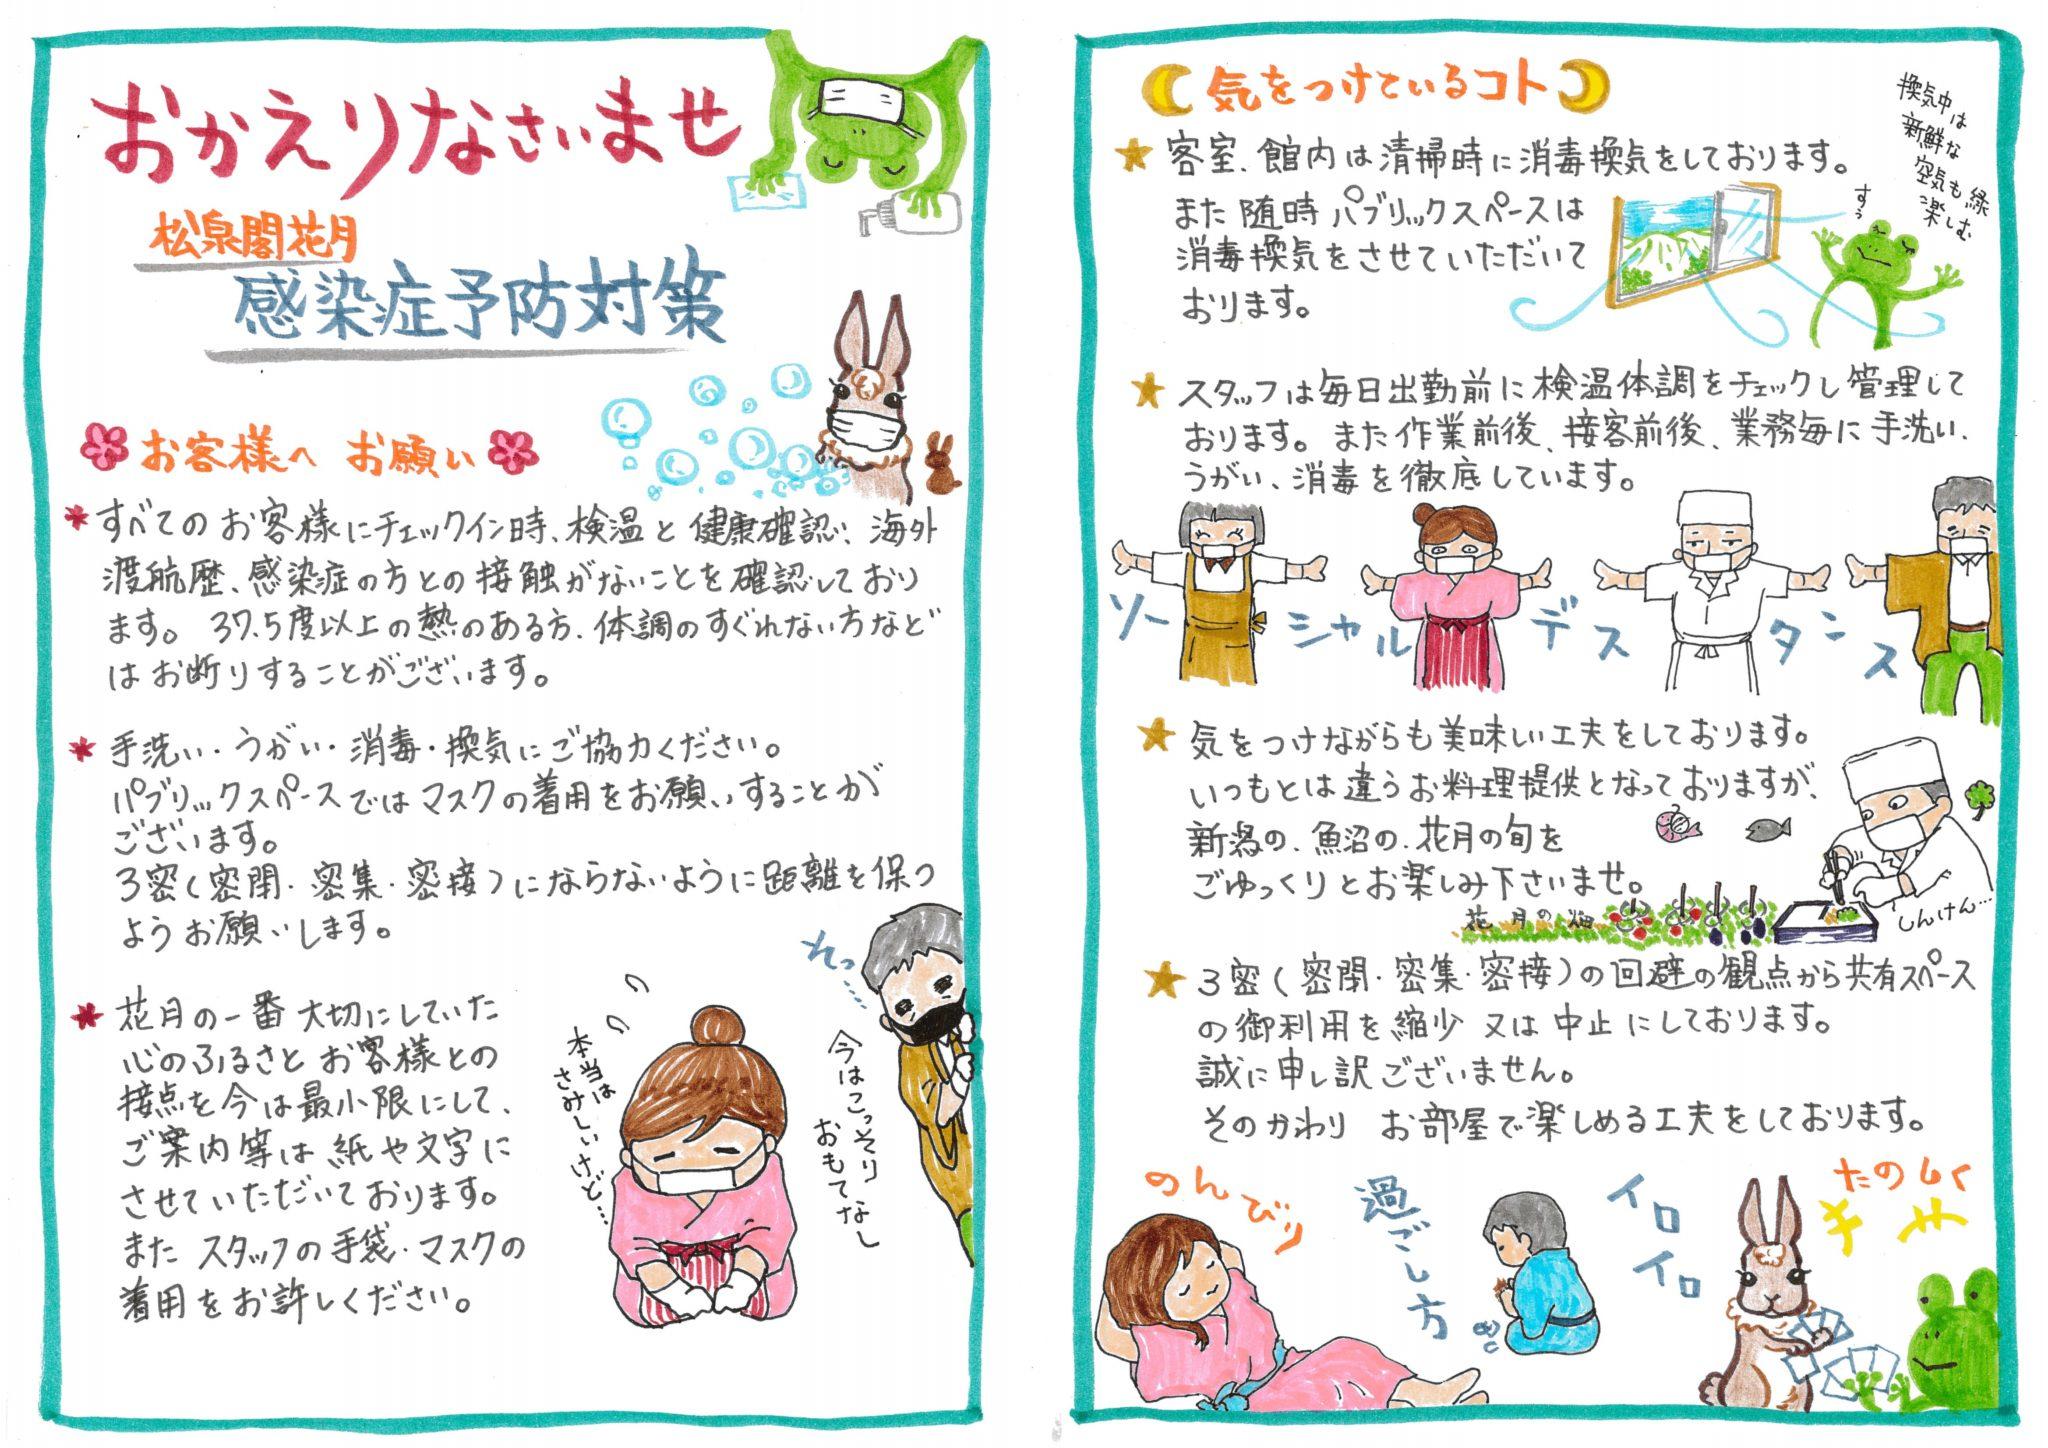 松泉閣花月の感染拡大防止対策